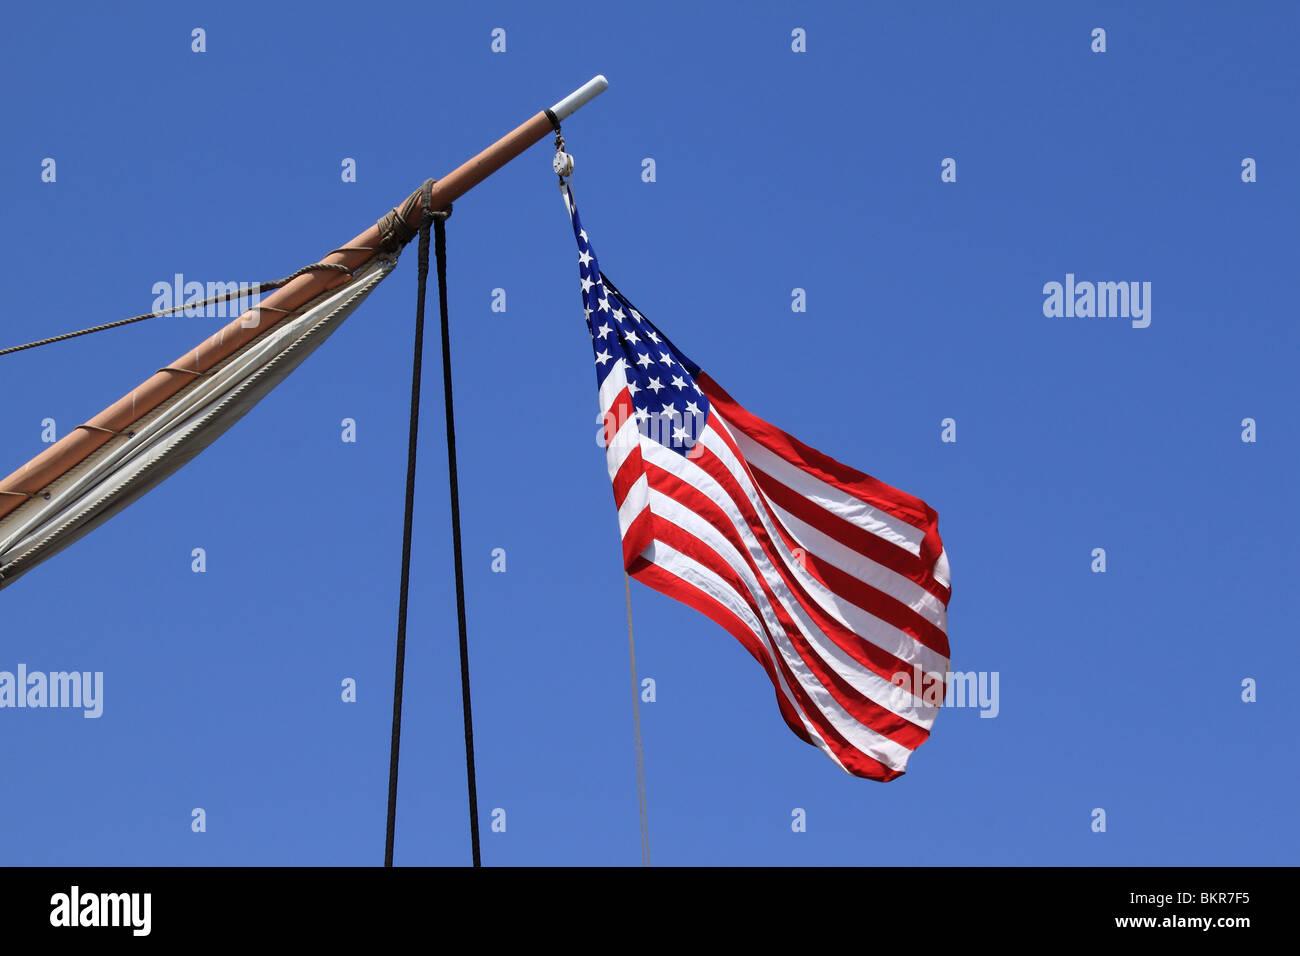 USA flag - Stock Image